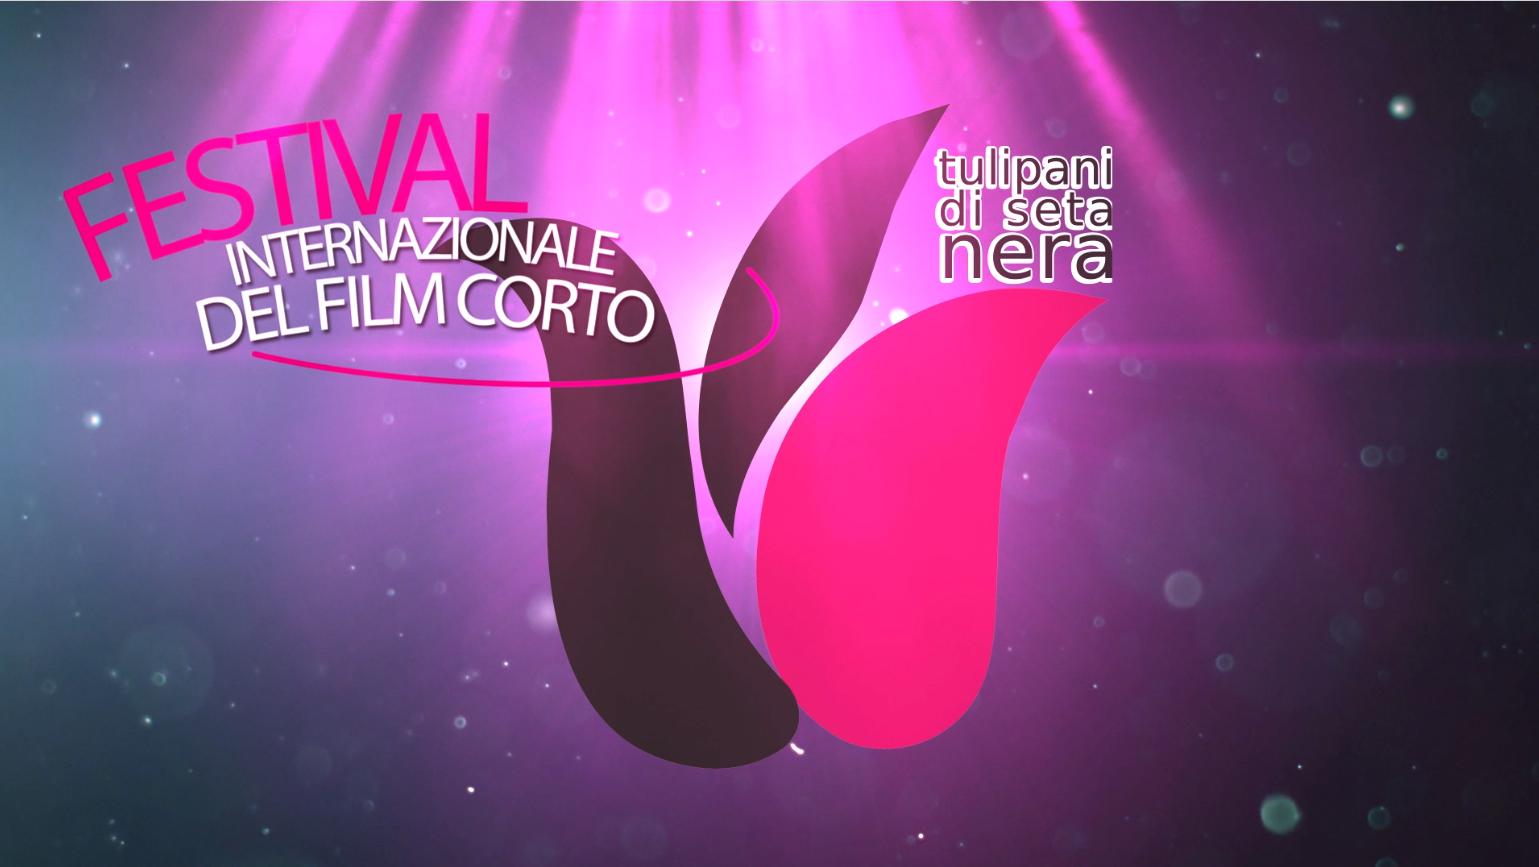 Festival Tulipani di Seta Nera - RAI UNO